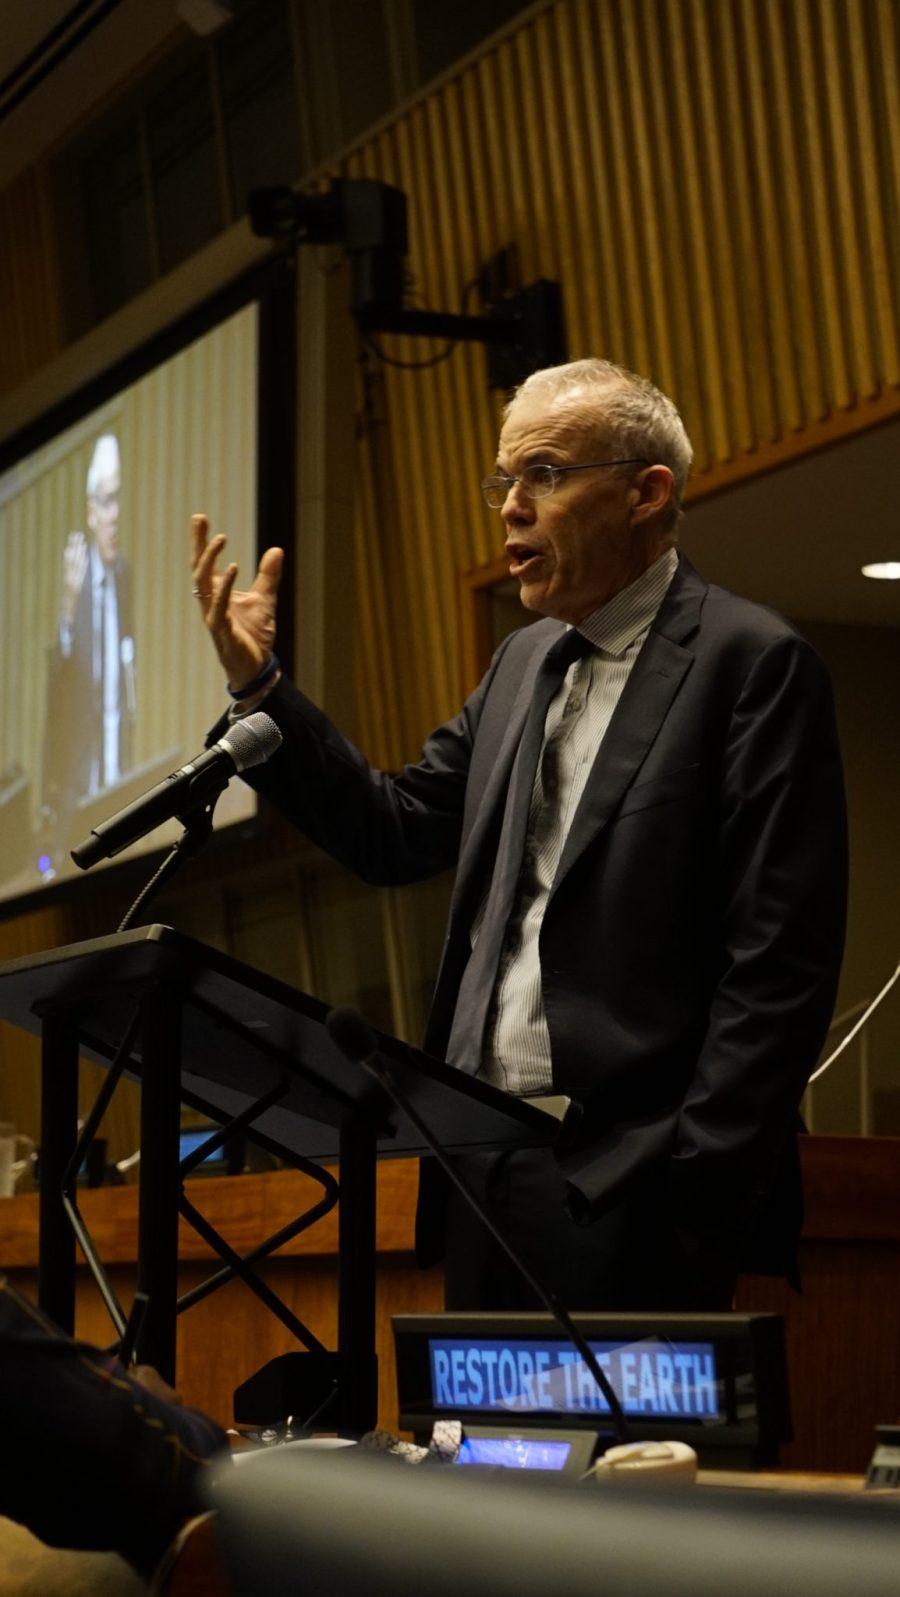 Bill McKibben, fondateur de 350.org et auteur prolifique sur le changement climatique. Justin K. Davey, GLF